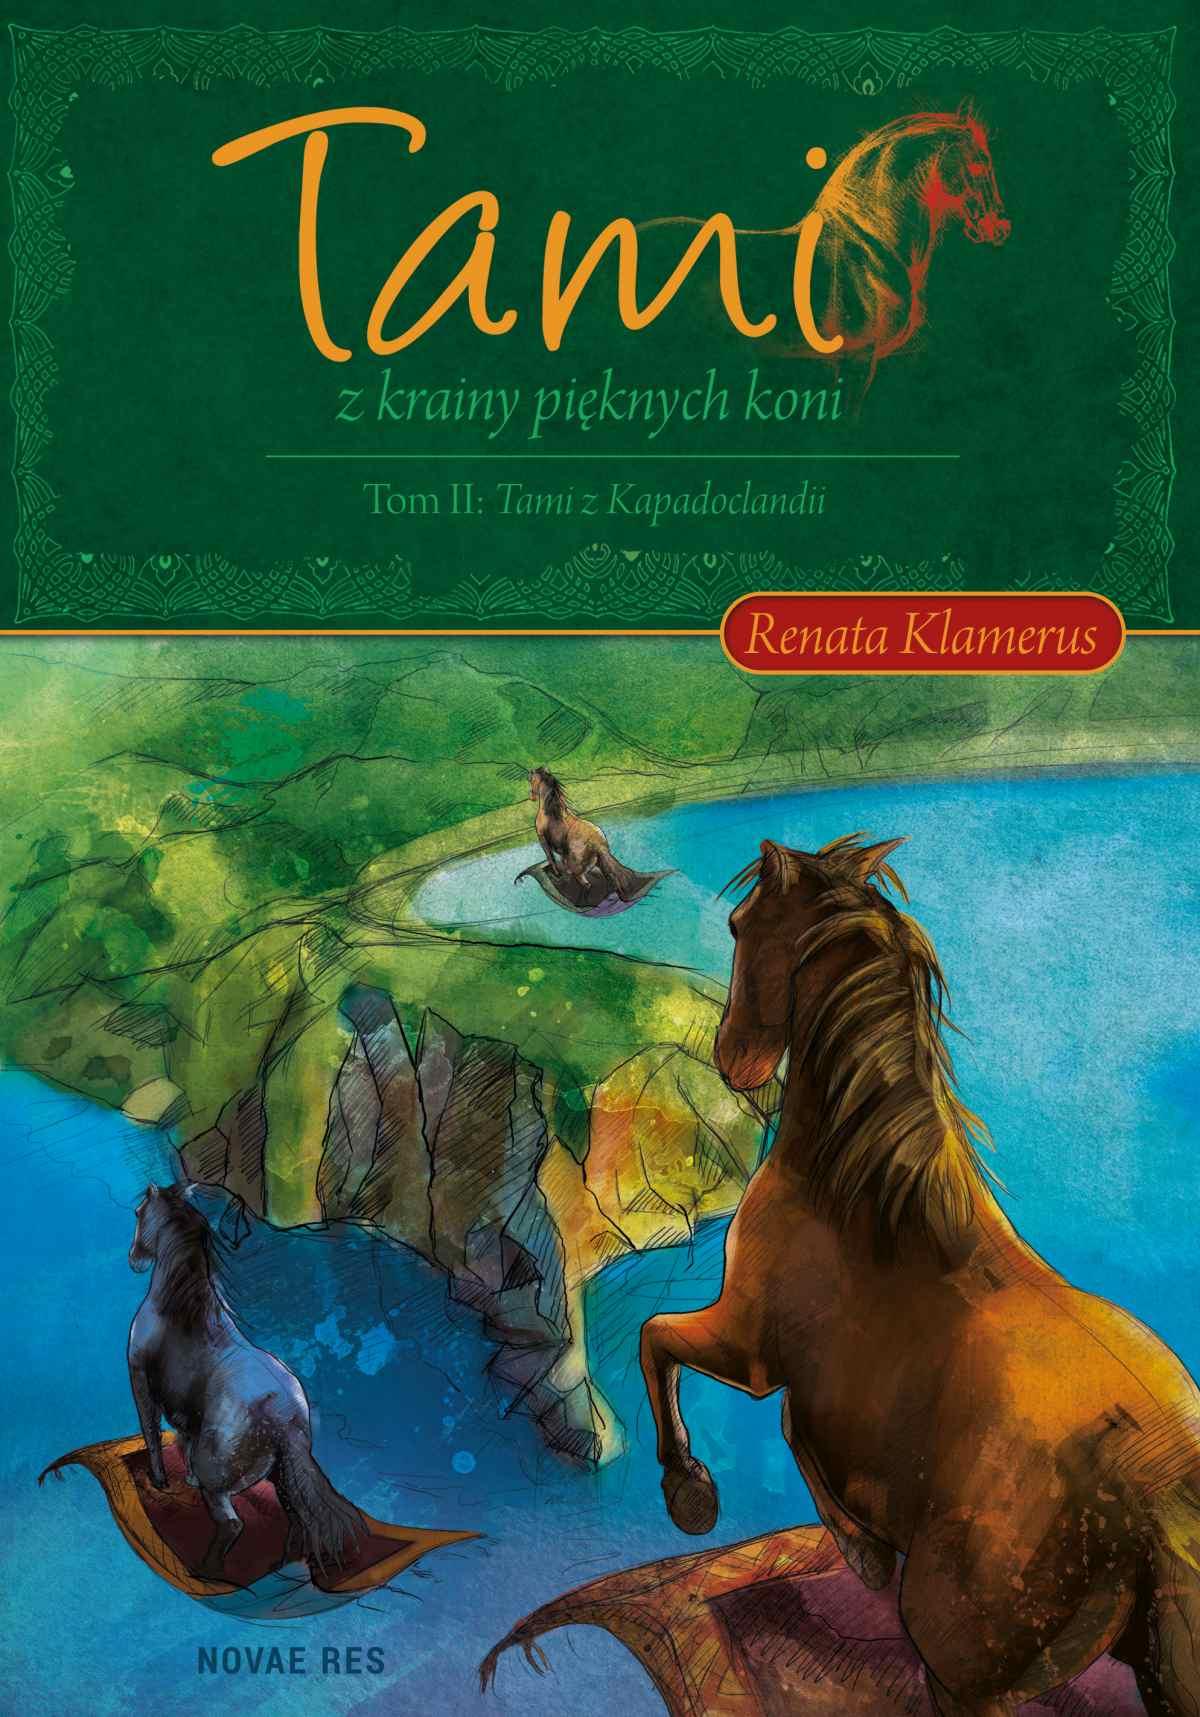 Tami z Krainy Pięknych Koni. Tom II: Tami z Kapadoclandii - Ebook (Książka na Kindle) do pobrania w formacie MOBI